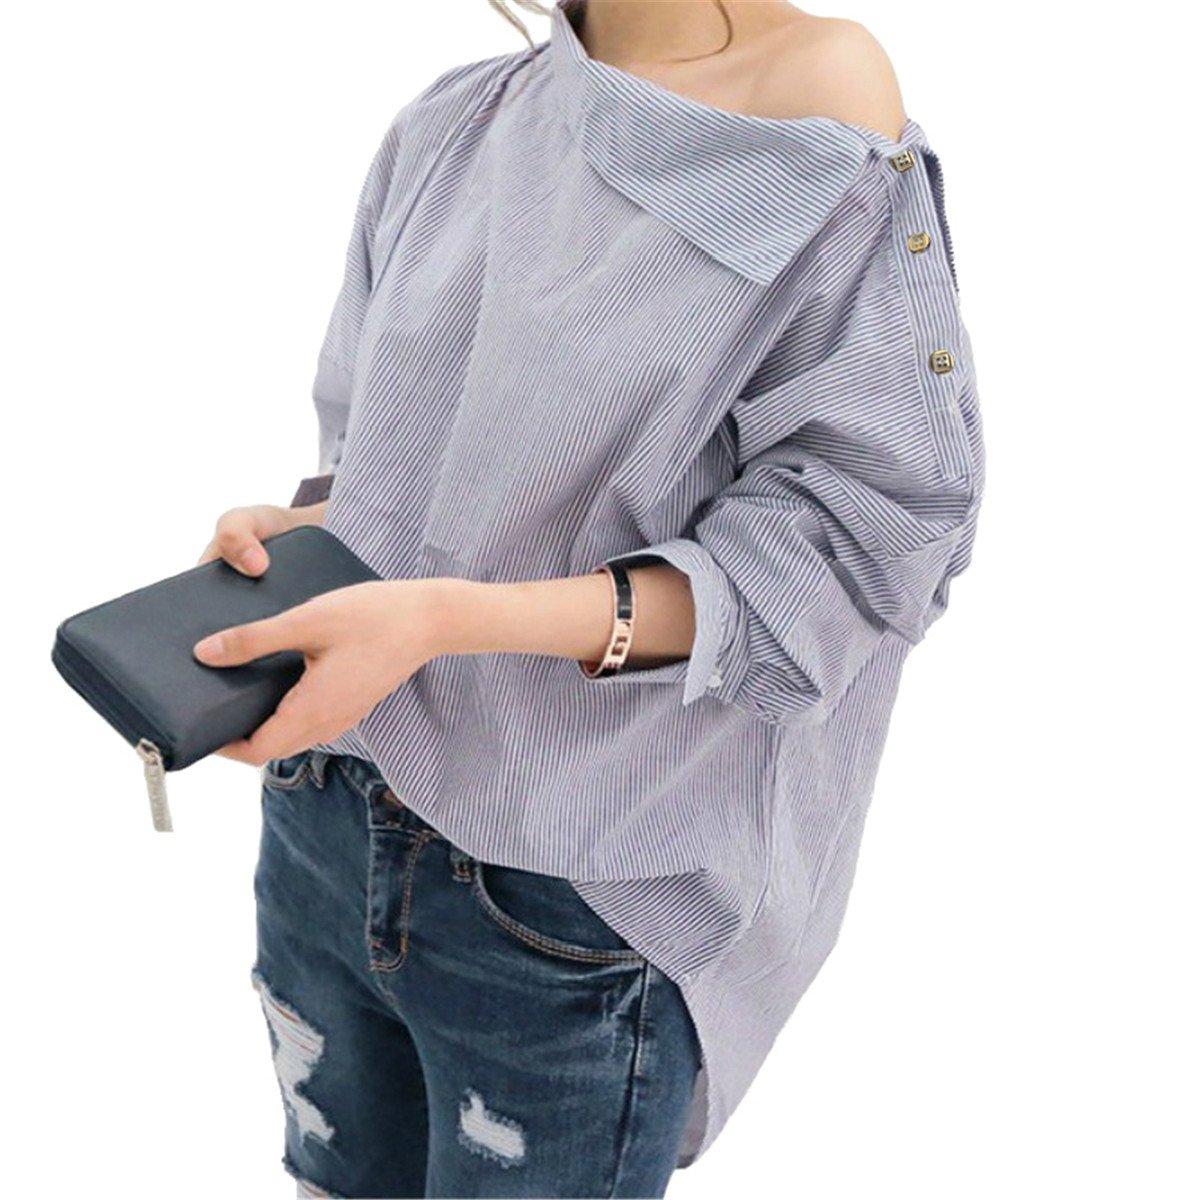 Mujer Blusas a Rayas de Las Mujeres Camisas de Manga Larga Sexy Fuera del Hombro Blusa Superior Camisa de la Manera del Verano Tops y Blusas de Las Mujeres: ...